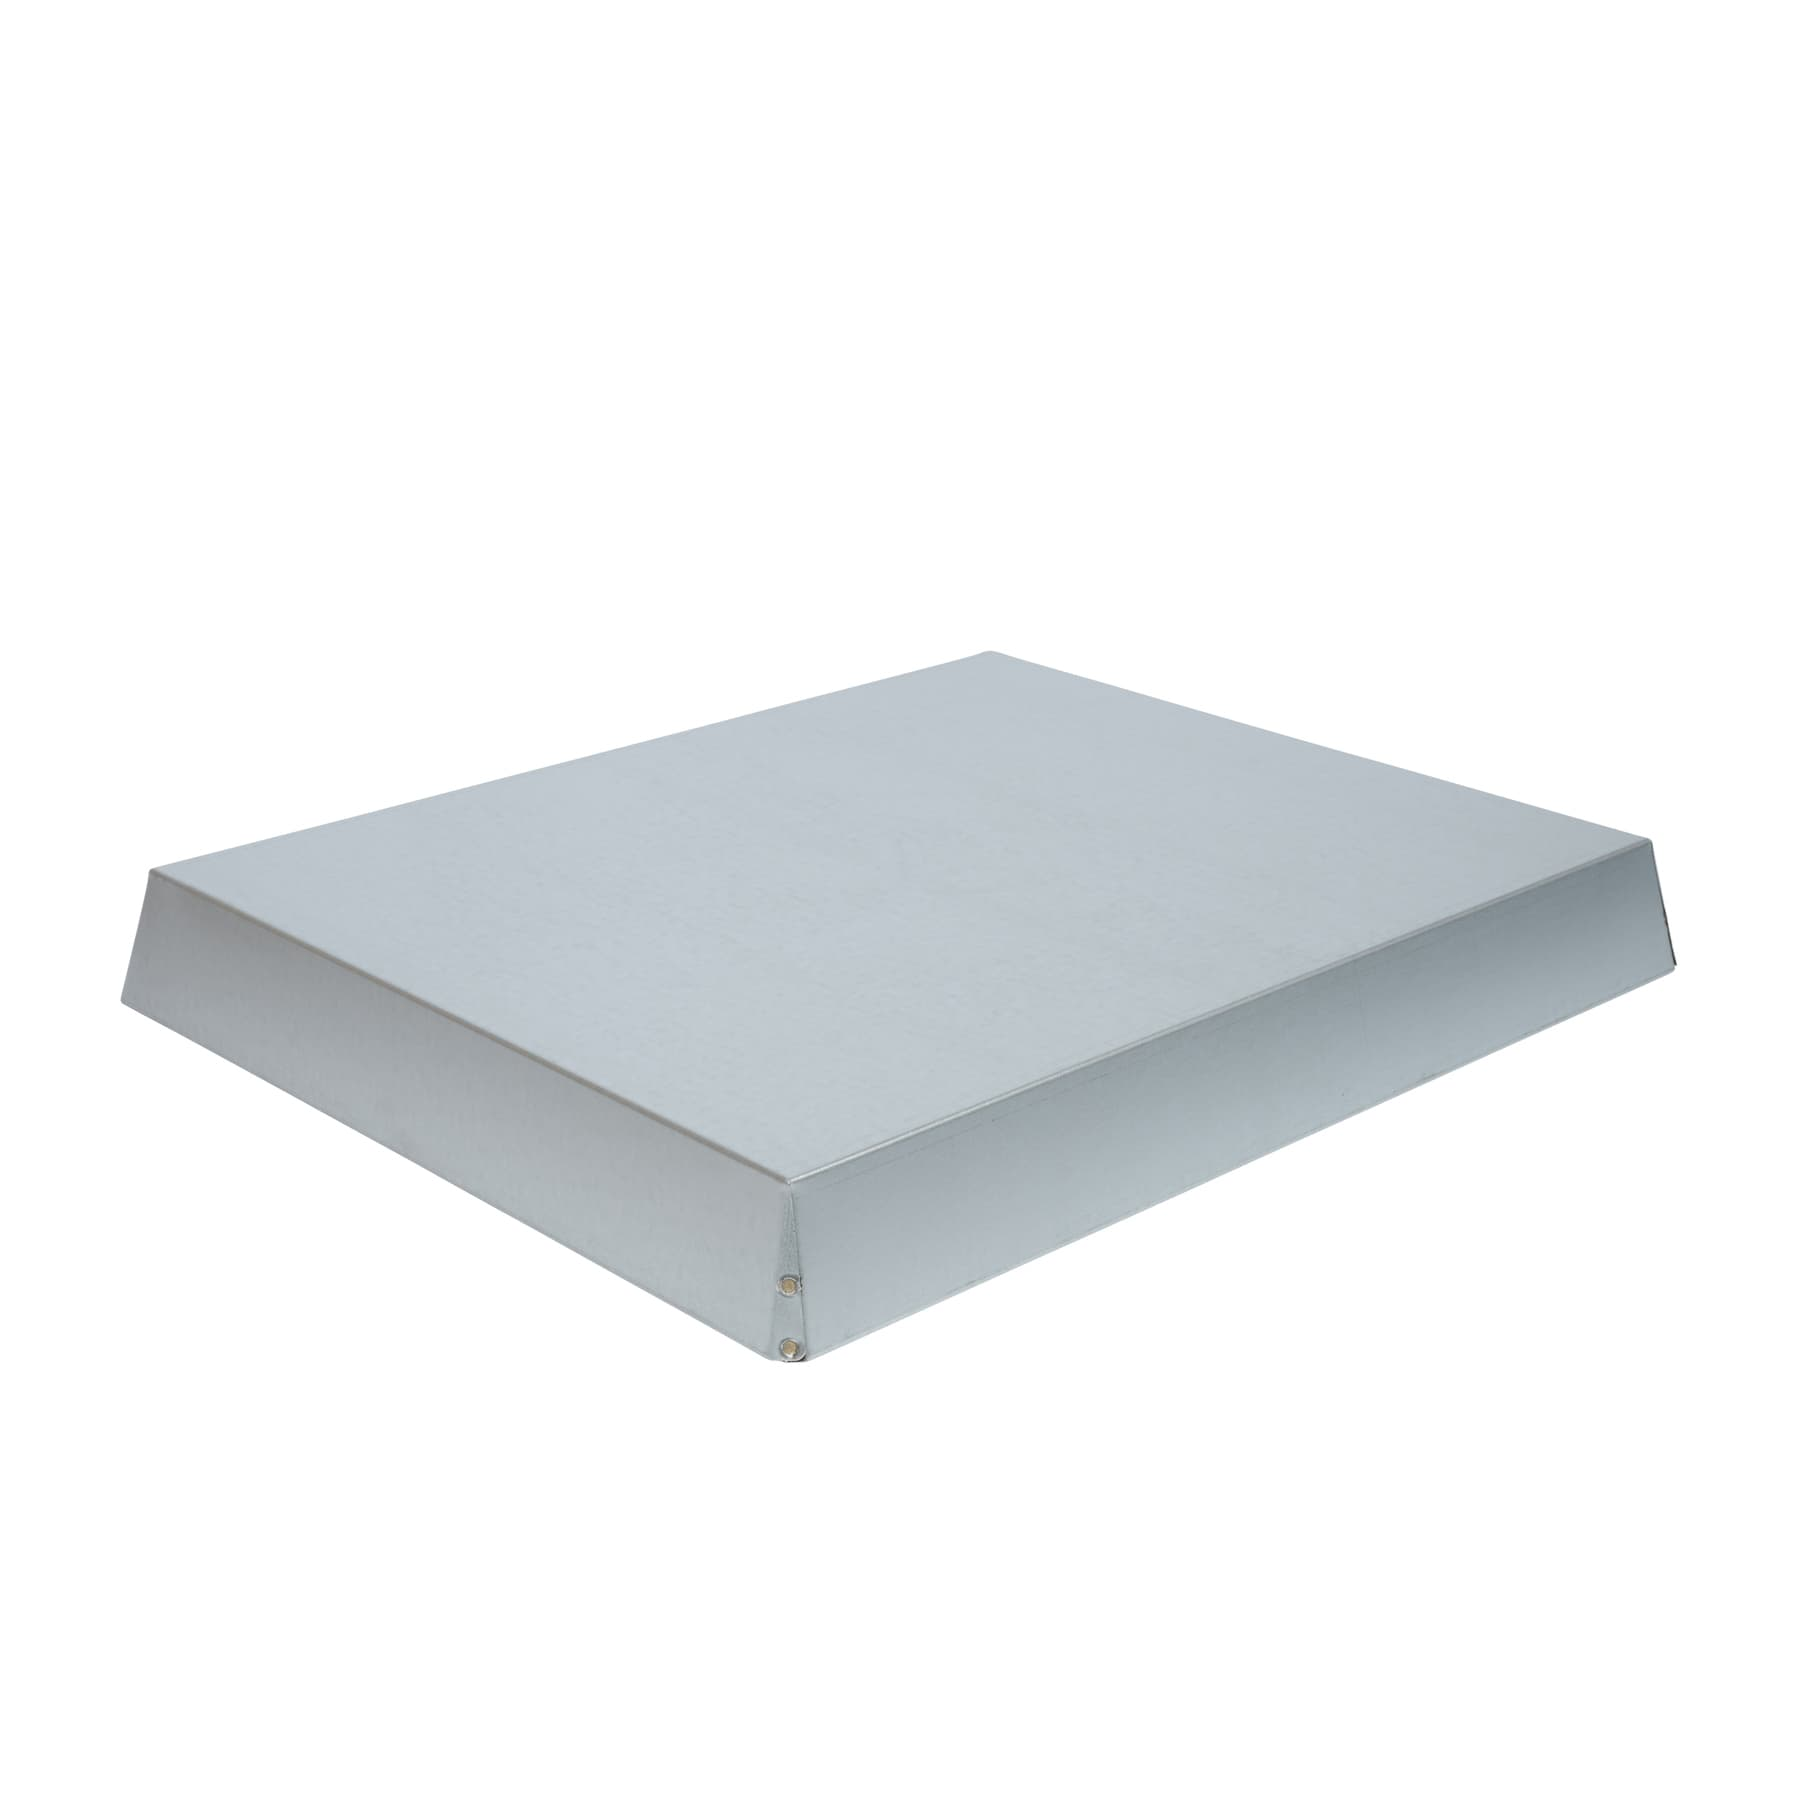 Blechdeckel verzinkt konisch Innenmaß 425 x 525 x 65 mm für Liebigbeute Zander, Beste Qualität 0,7 mm dick, Made in Germany!